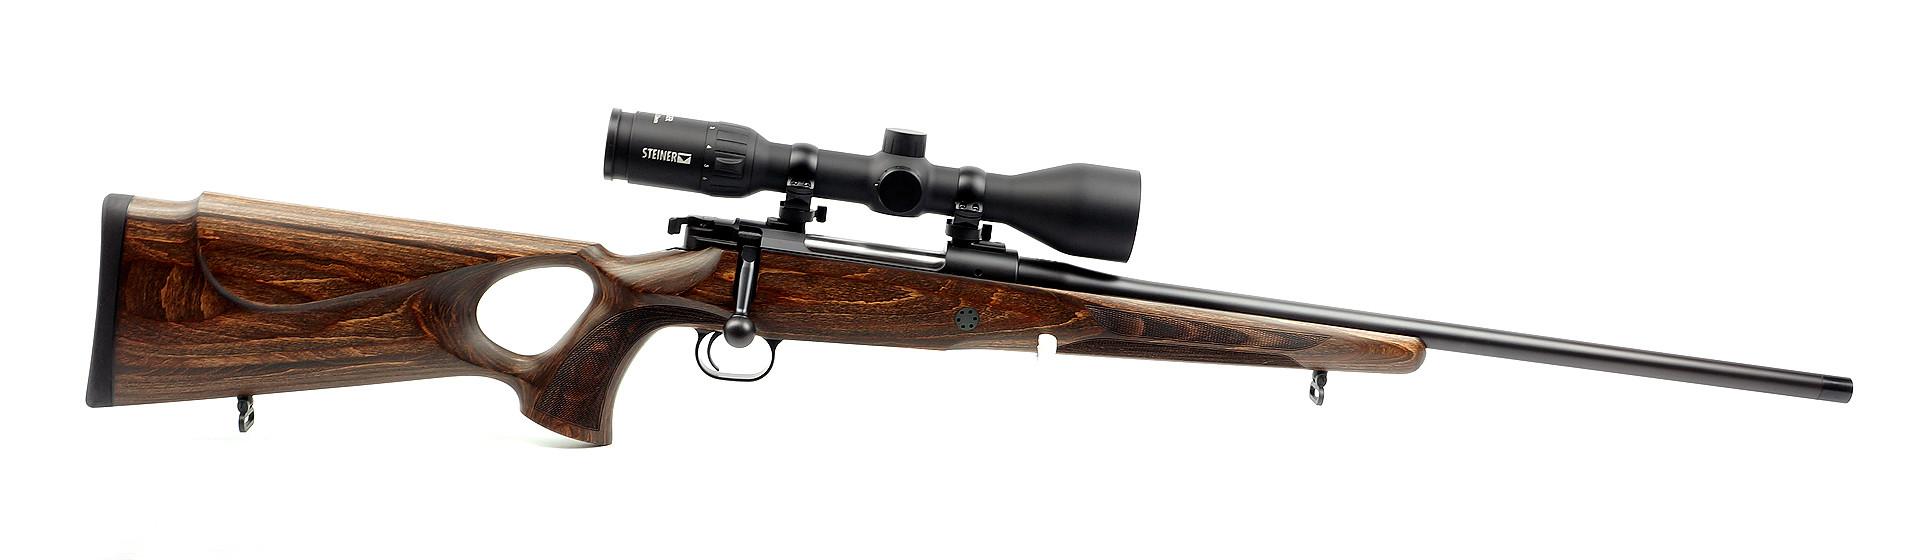 Mauser M12 Max .308 Win. mit Handspannung, Lauflänge 56cm mit MGW M15x1 Waffenstube Thalkirchen München Bayern Deutschland